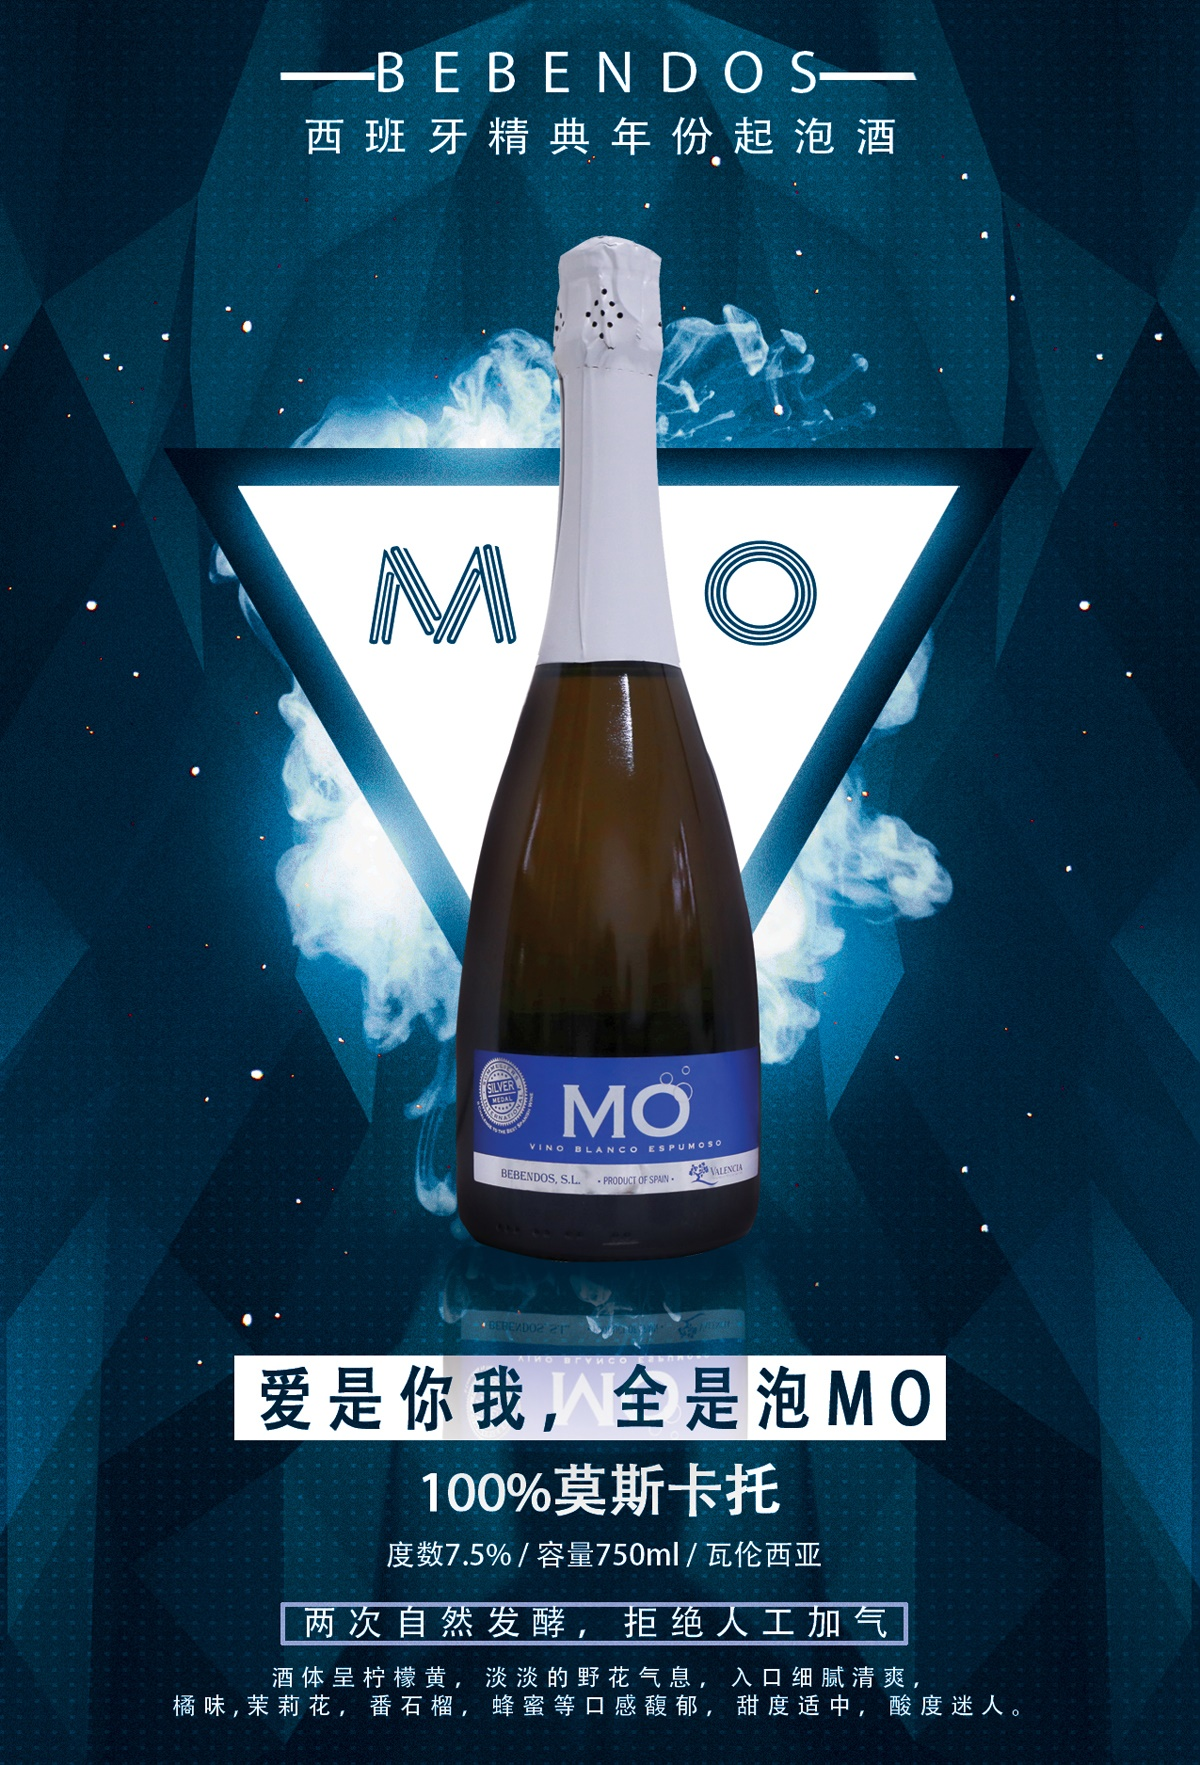 西班牙艺术酒庄莫斯卡托魔D.O.P级别起泡酒